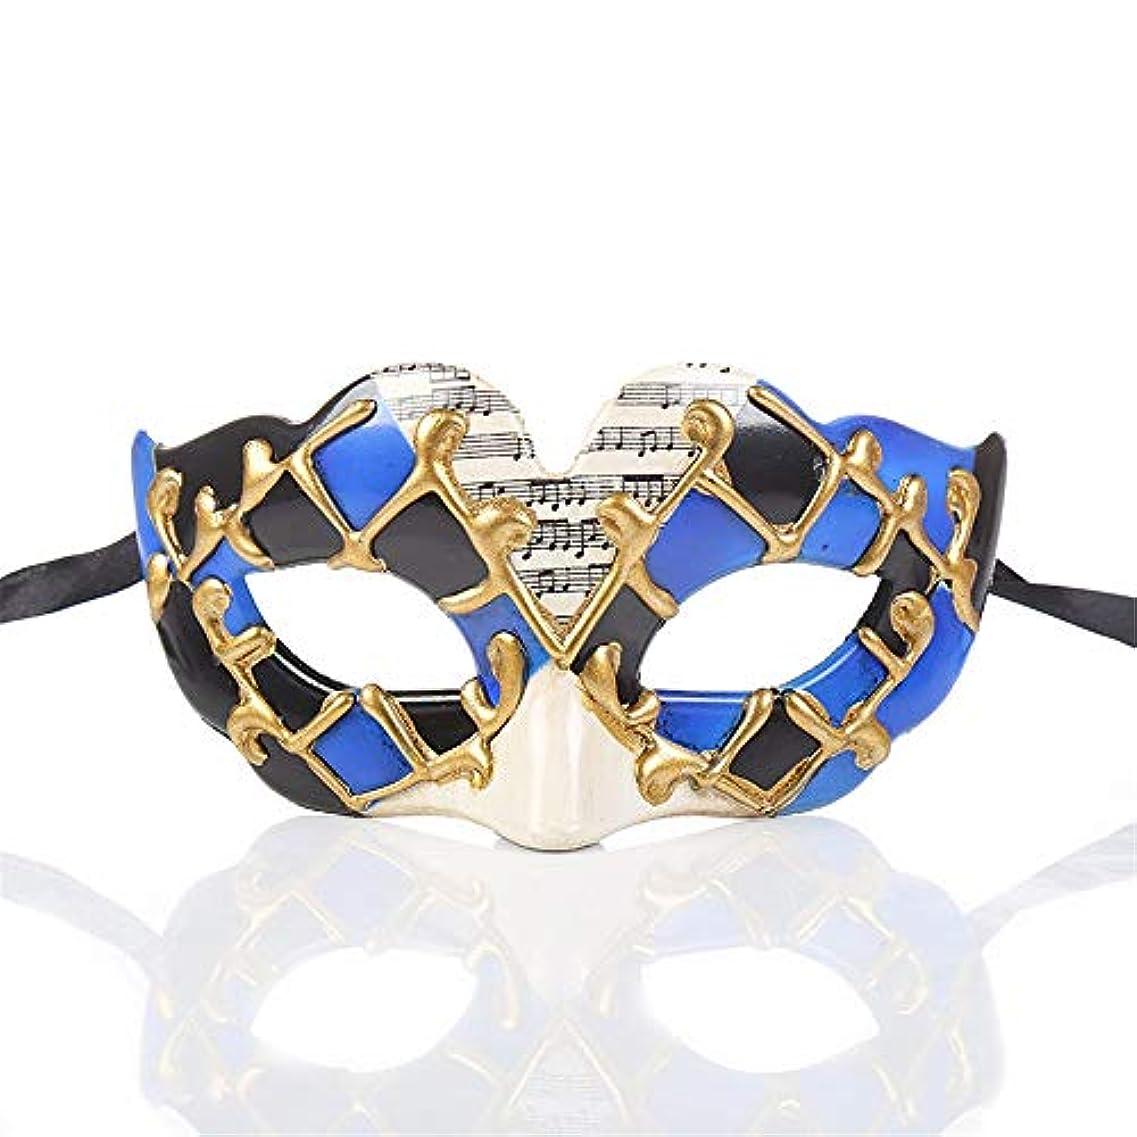 九月ハンマー階層ダンスマスク パーティーCospalyマスクハロウィーンマスカレードデコレーションマスクフェスティバルプラスチックマスク パーティーマスク (色 : 青, サイズ : 14.5x7.5cm)